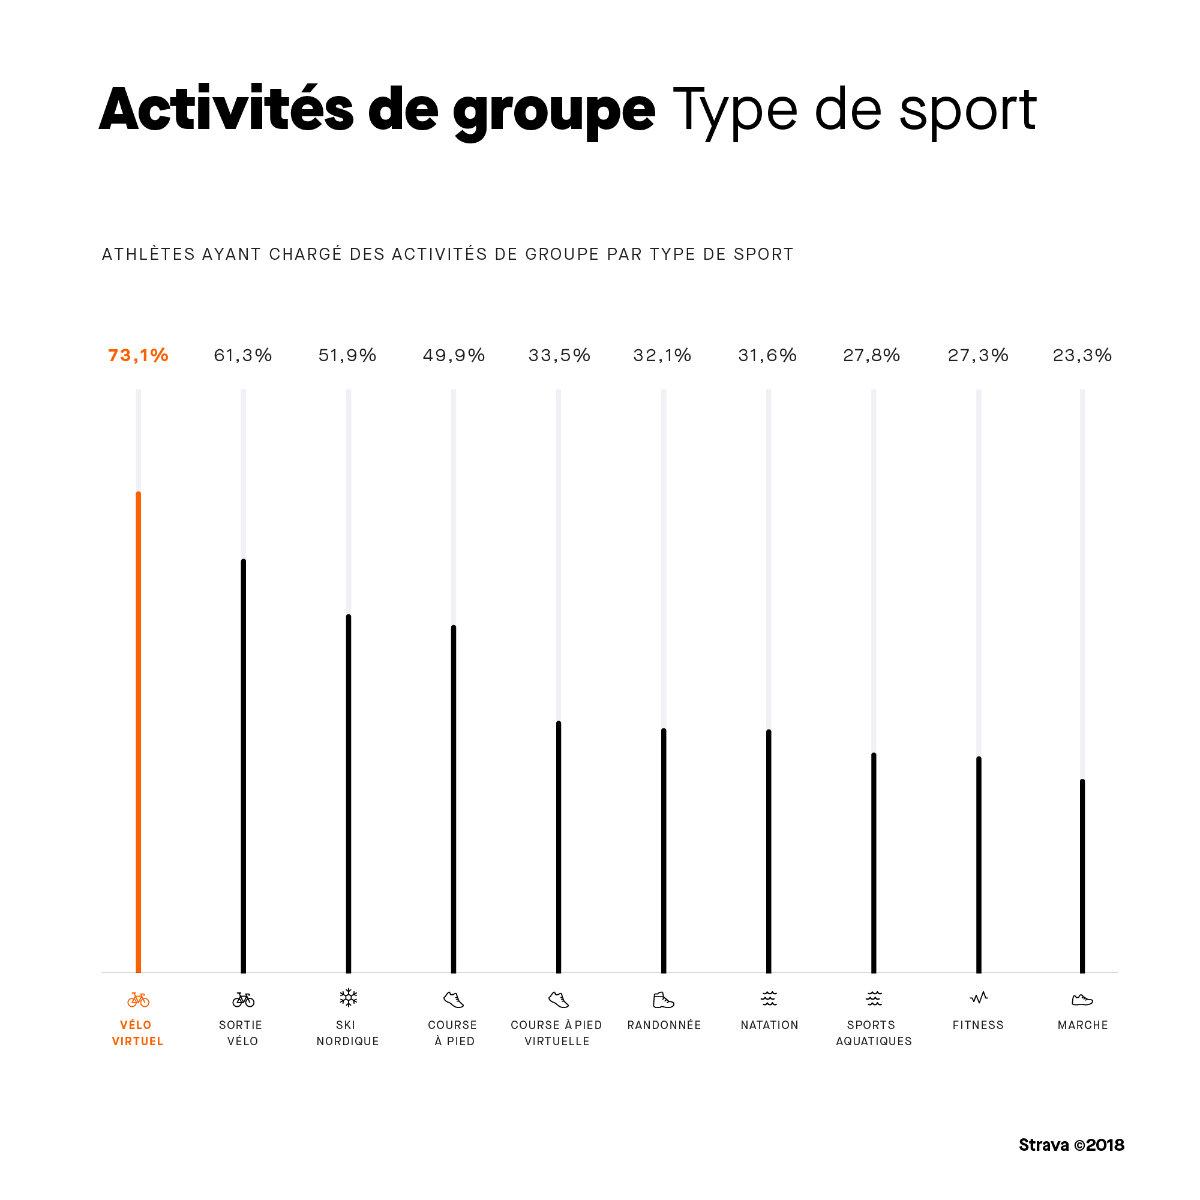 Strava : 2 milliards d'activités enregistrées dans le monde